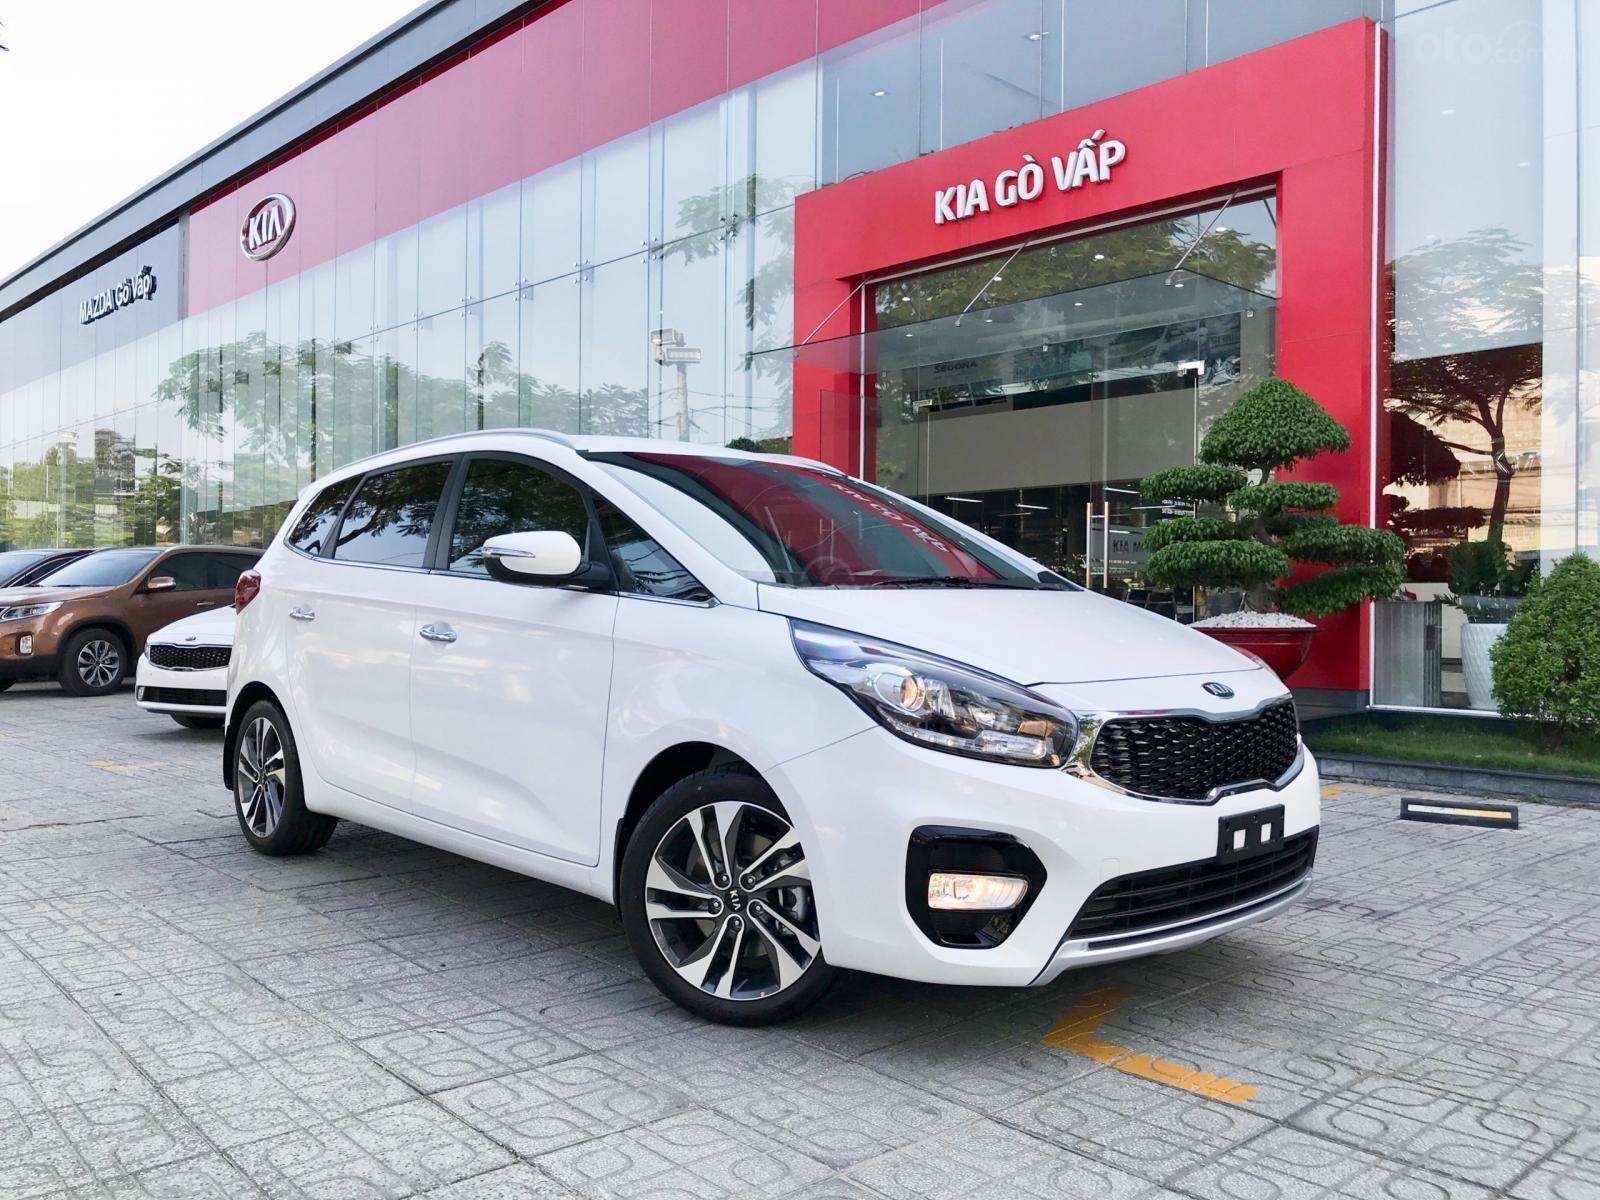 Kia Rondo 2019, Giảm giá + Tặng gói phụ kiện + đưa trước 200 triệu có xe. LH 0933920564 (2)